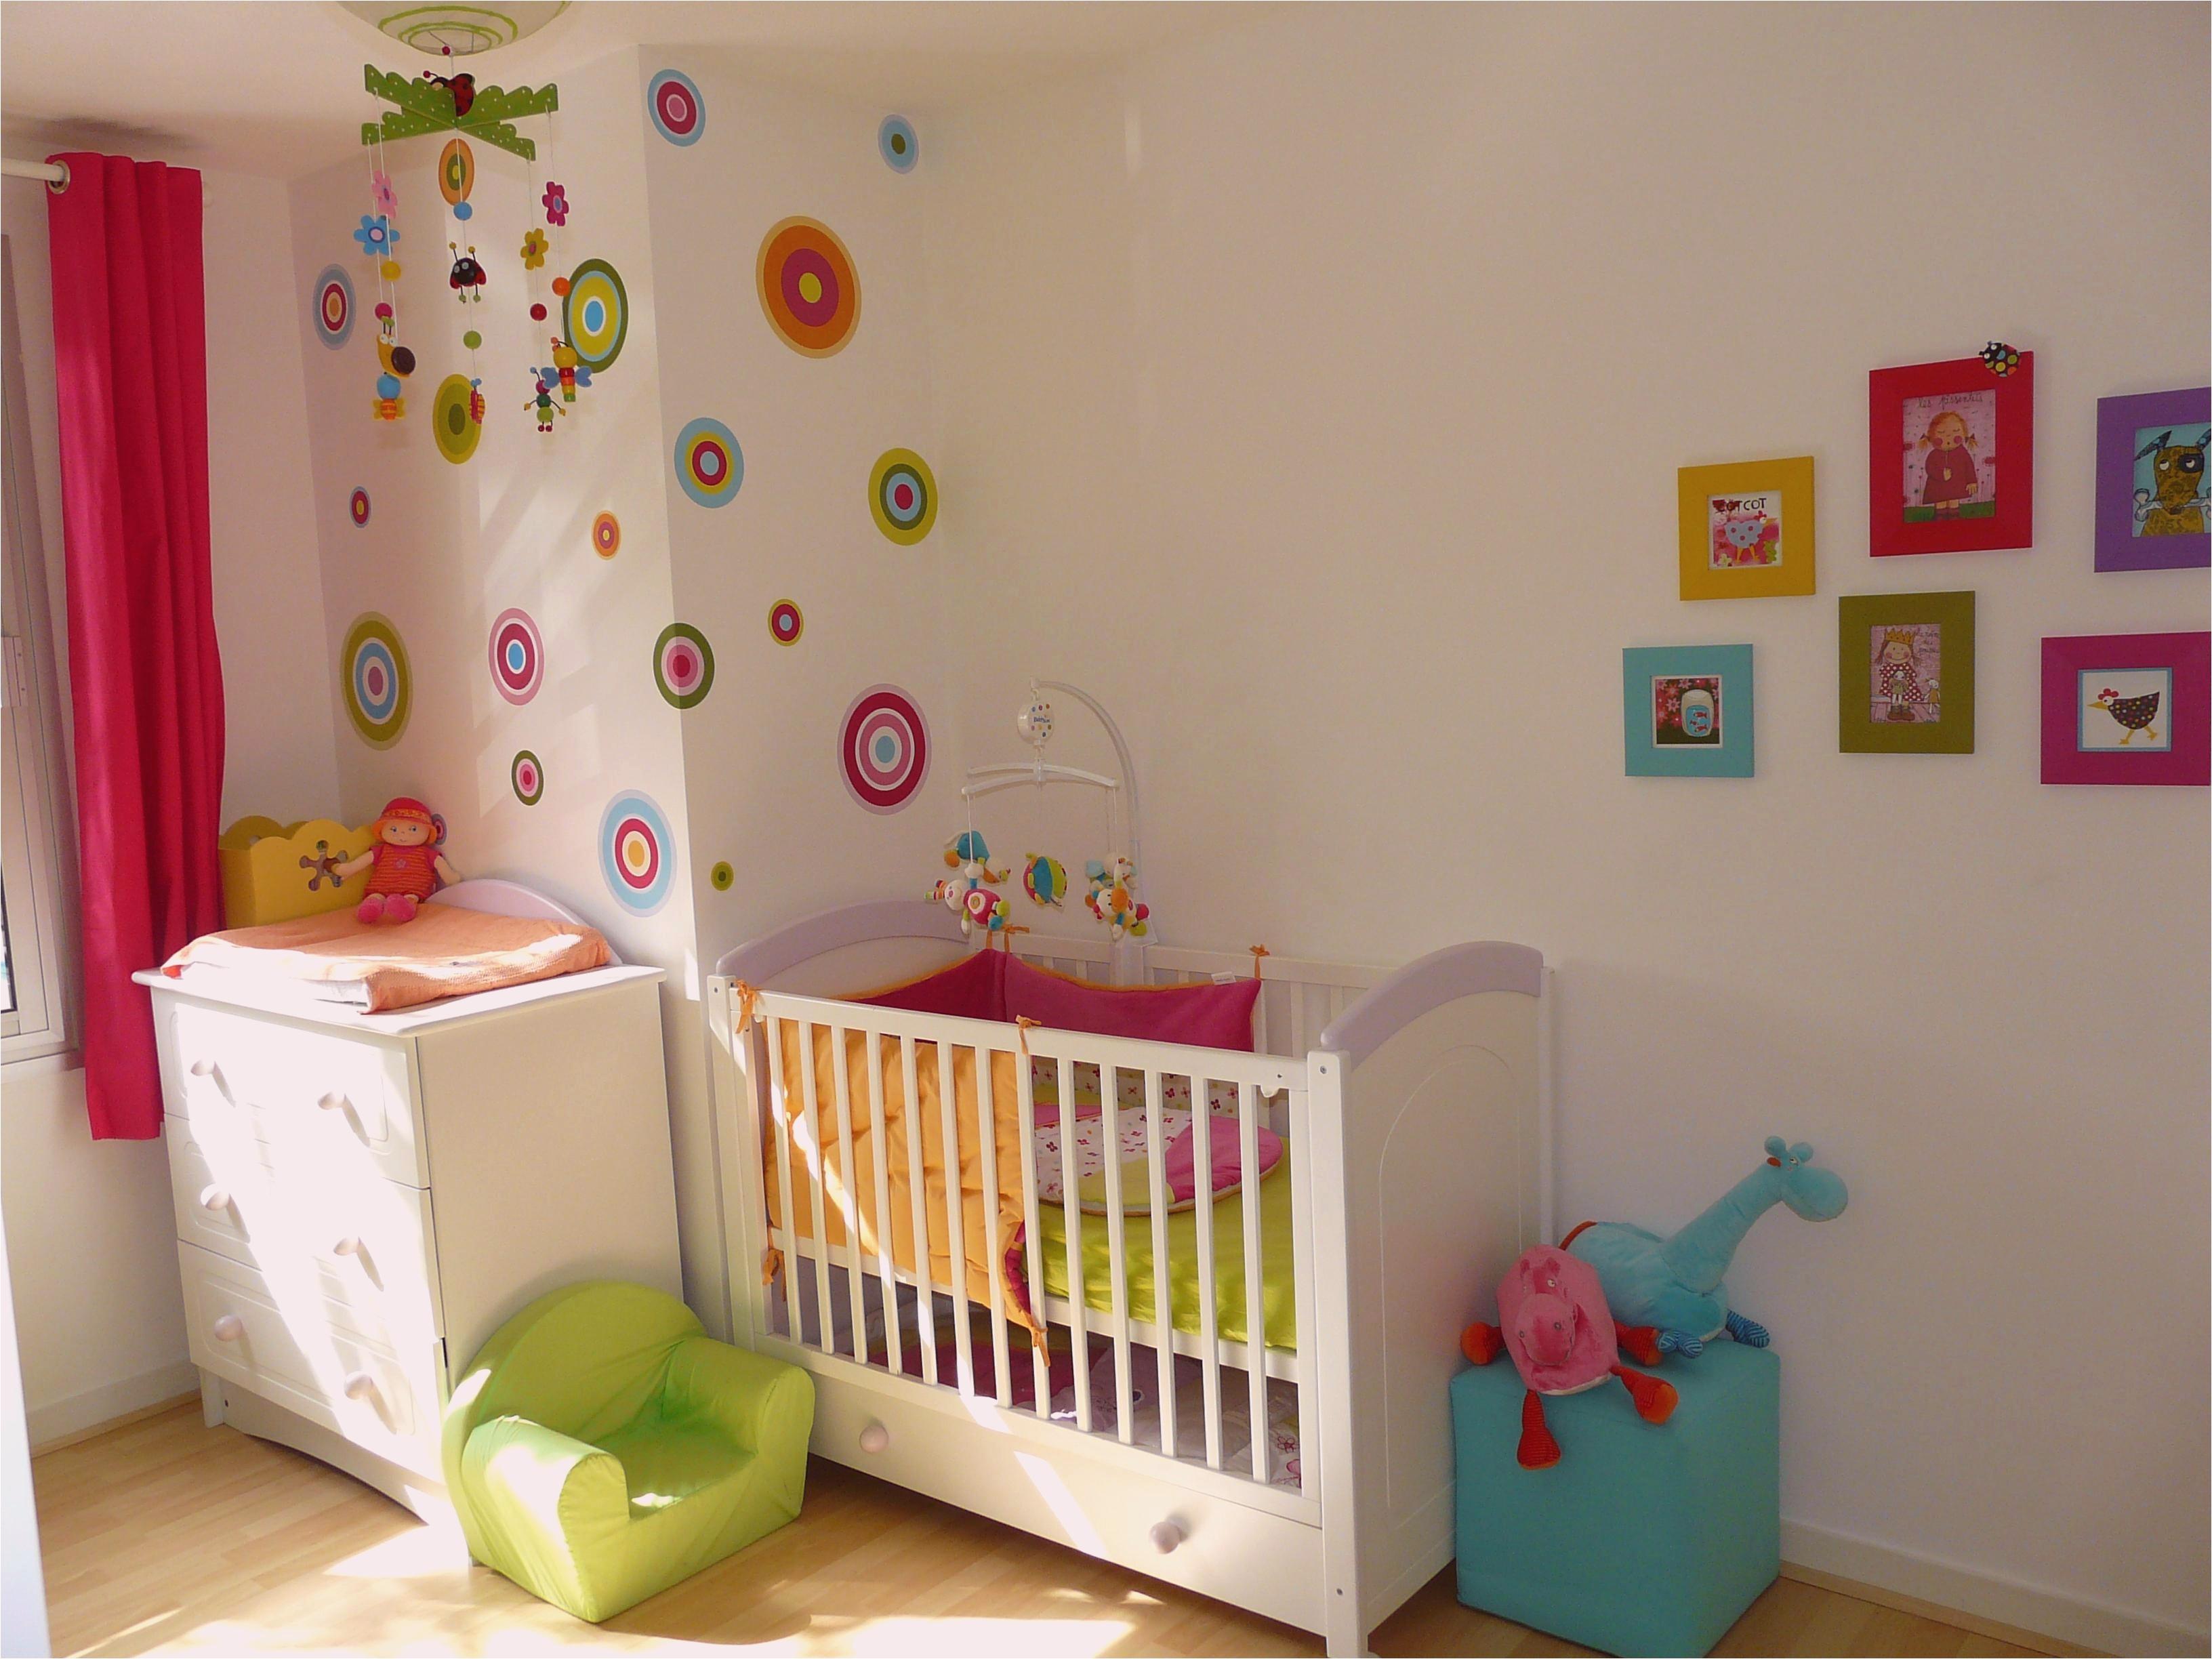 Idée décoration pour chambre bébé mixte - Idées de tricot gratuit